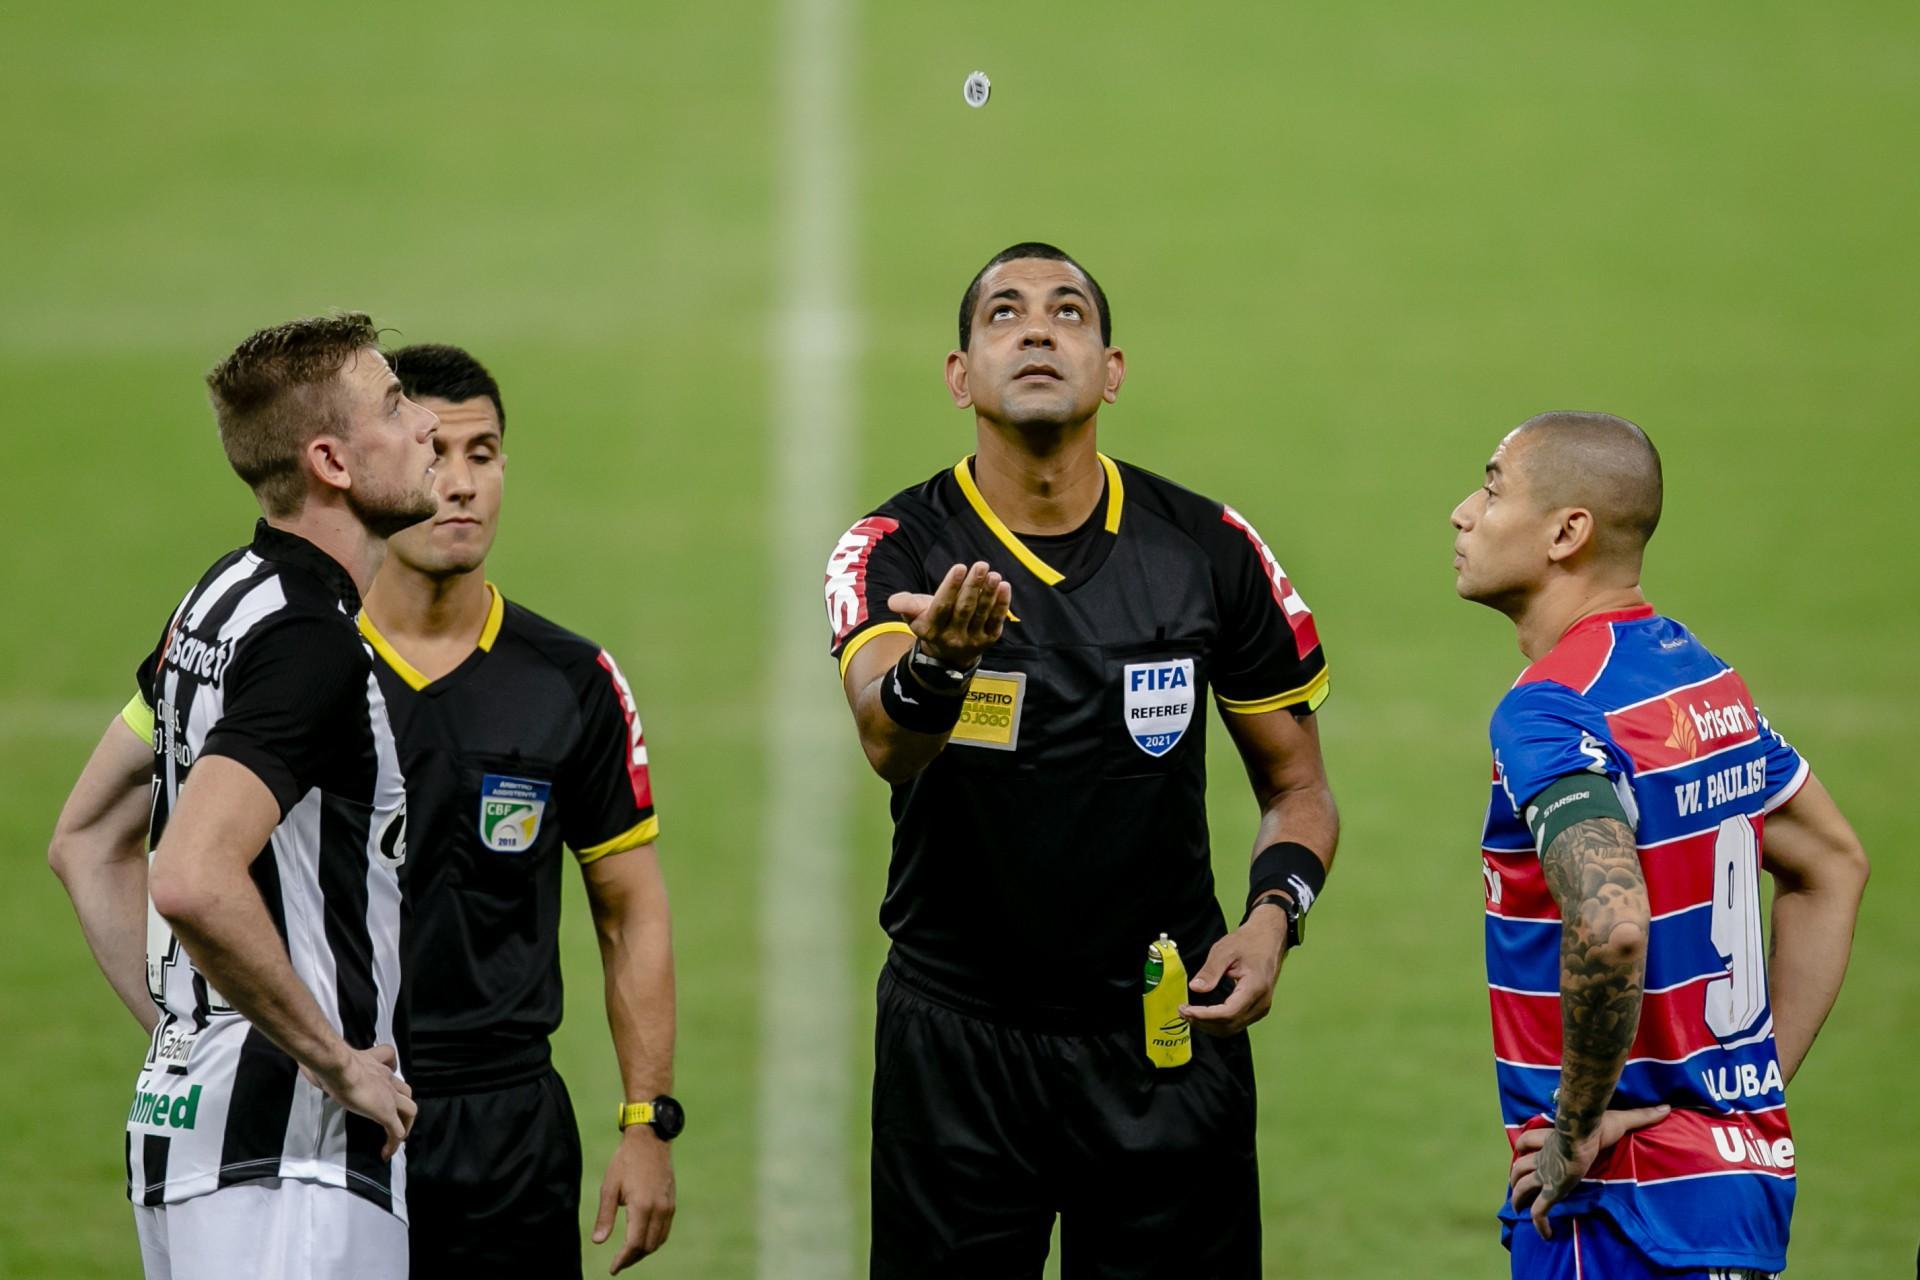 Ceará e Fortaleza farão o quinto confronto em Série A em pontos corridos (Foto: Aurelio Alves)